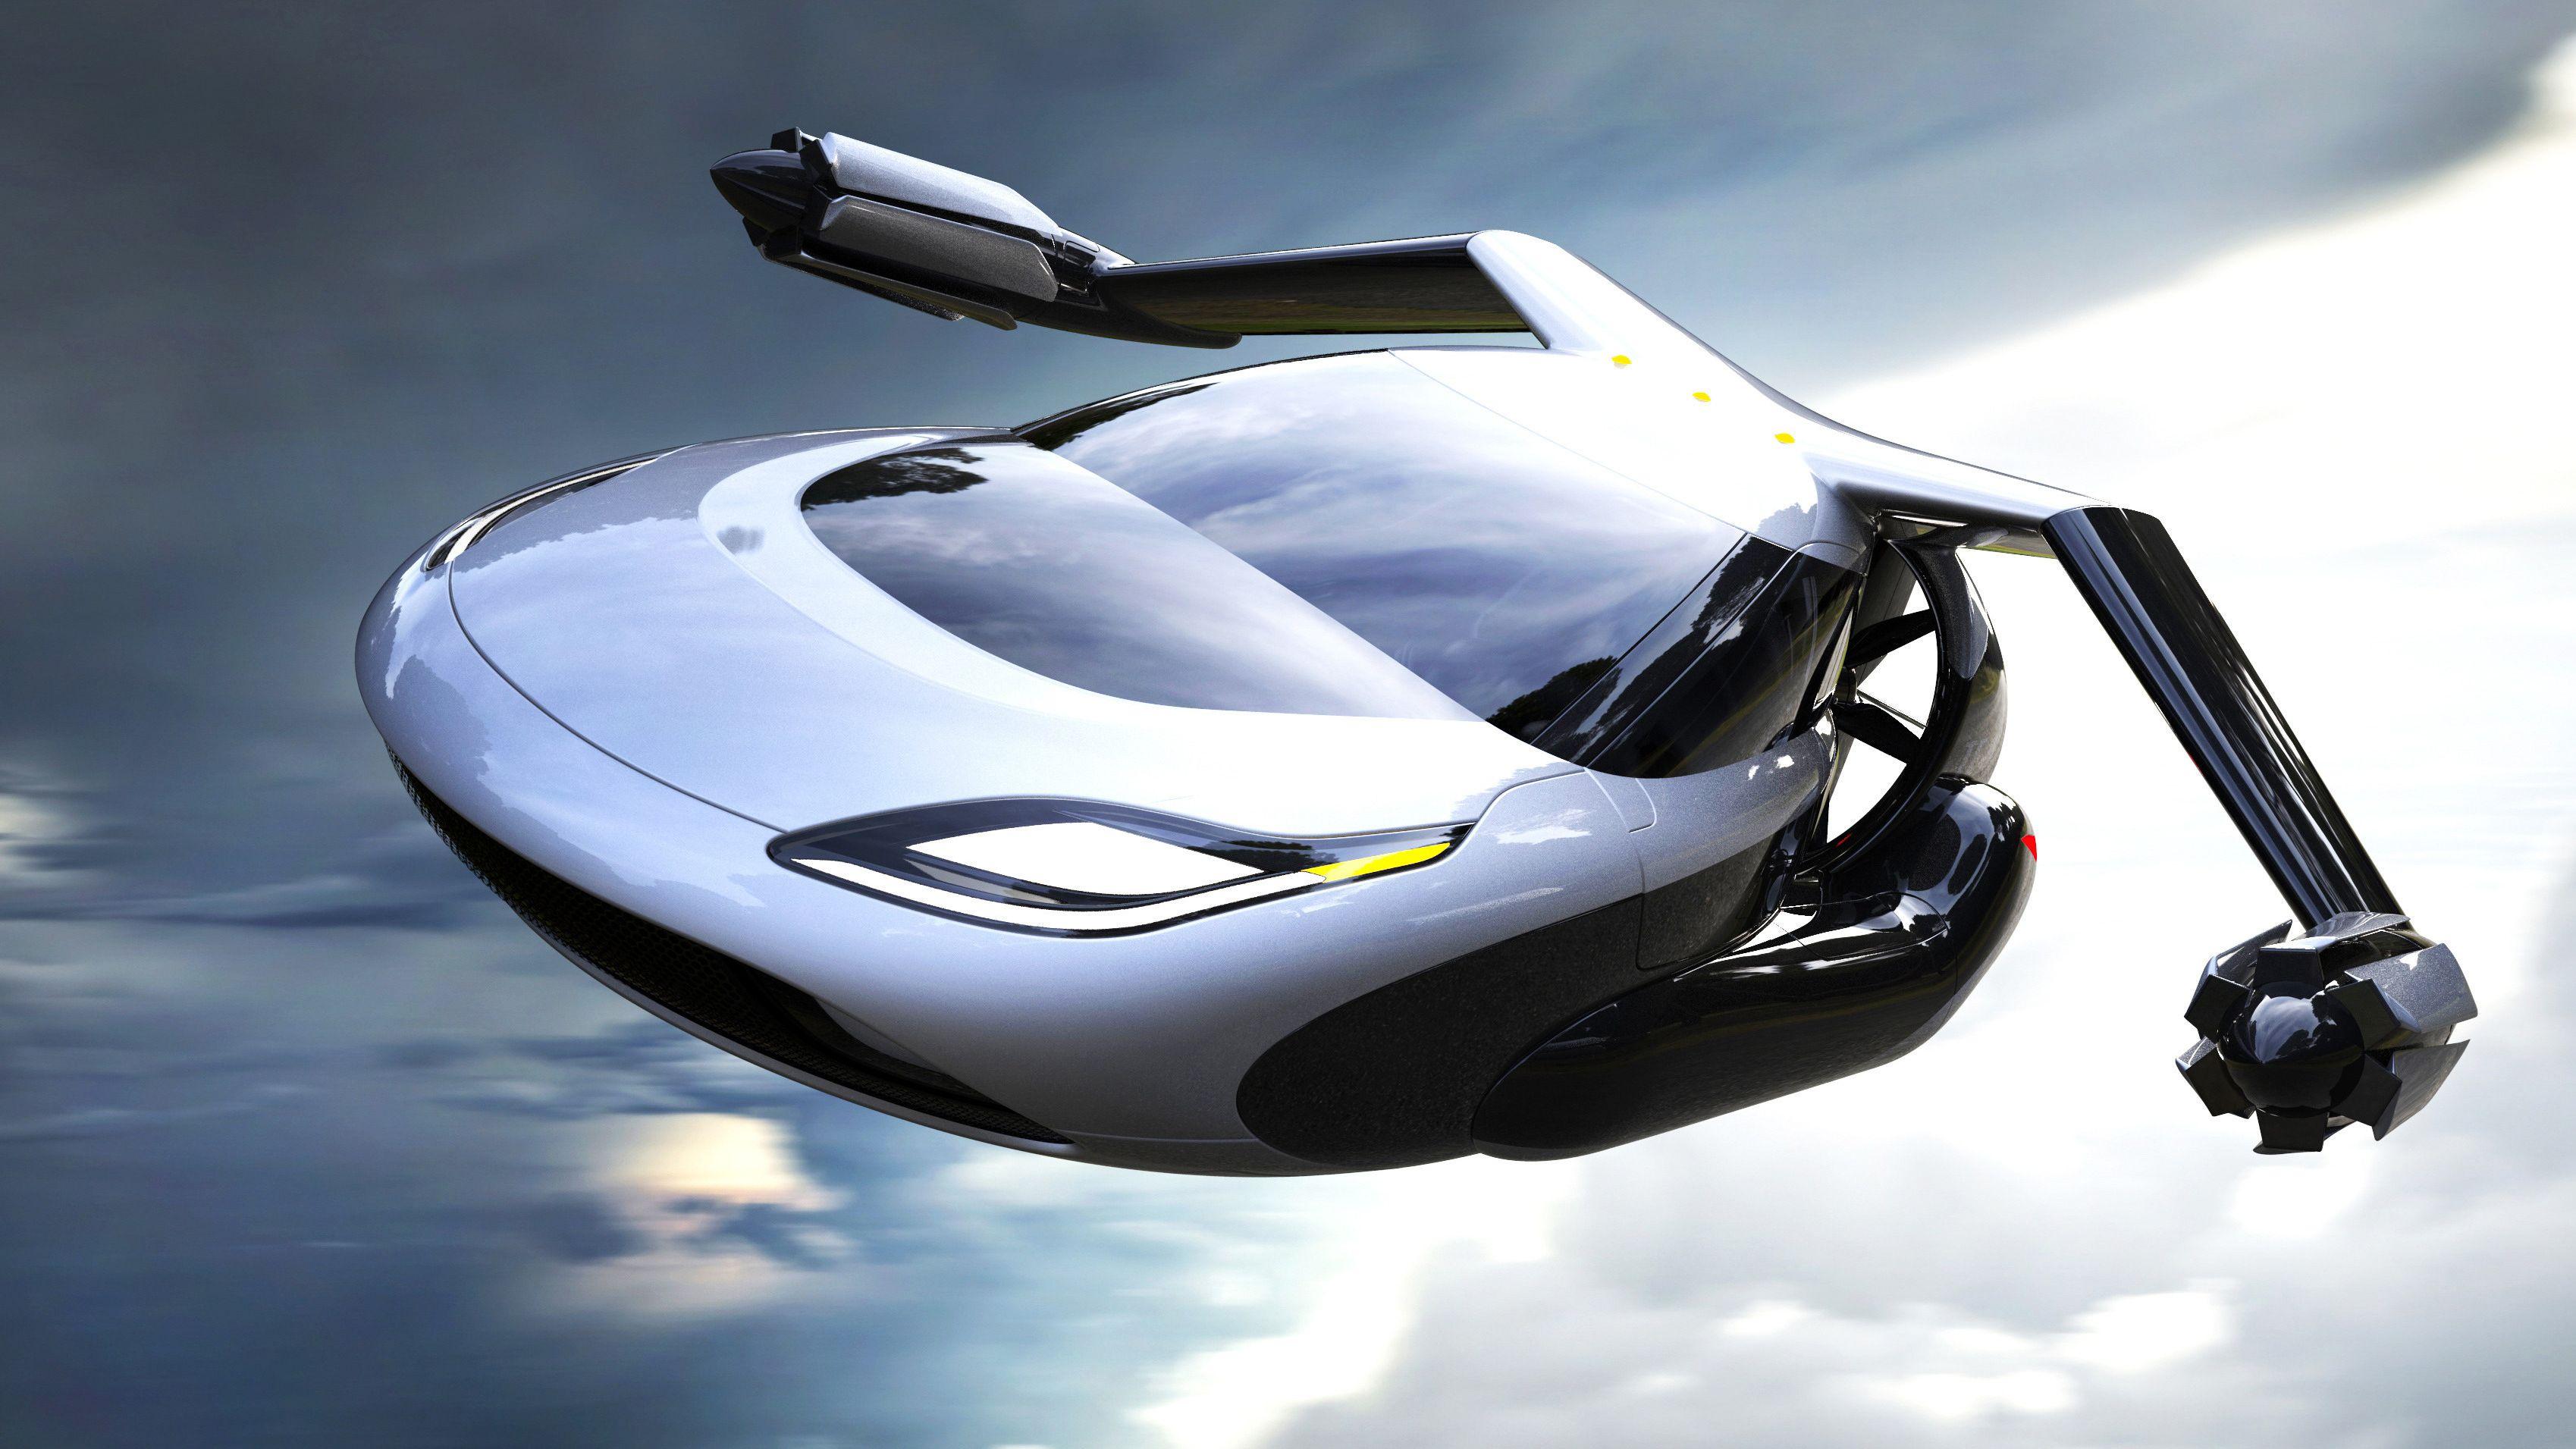 Denne flyvebilen kan snart bli satt i produksjon